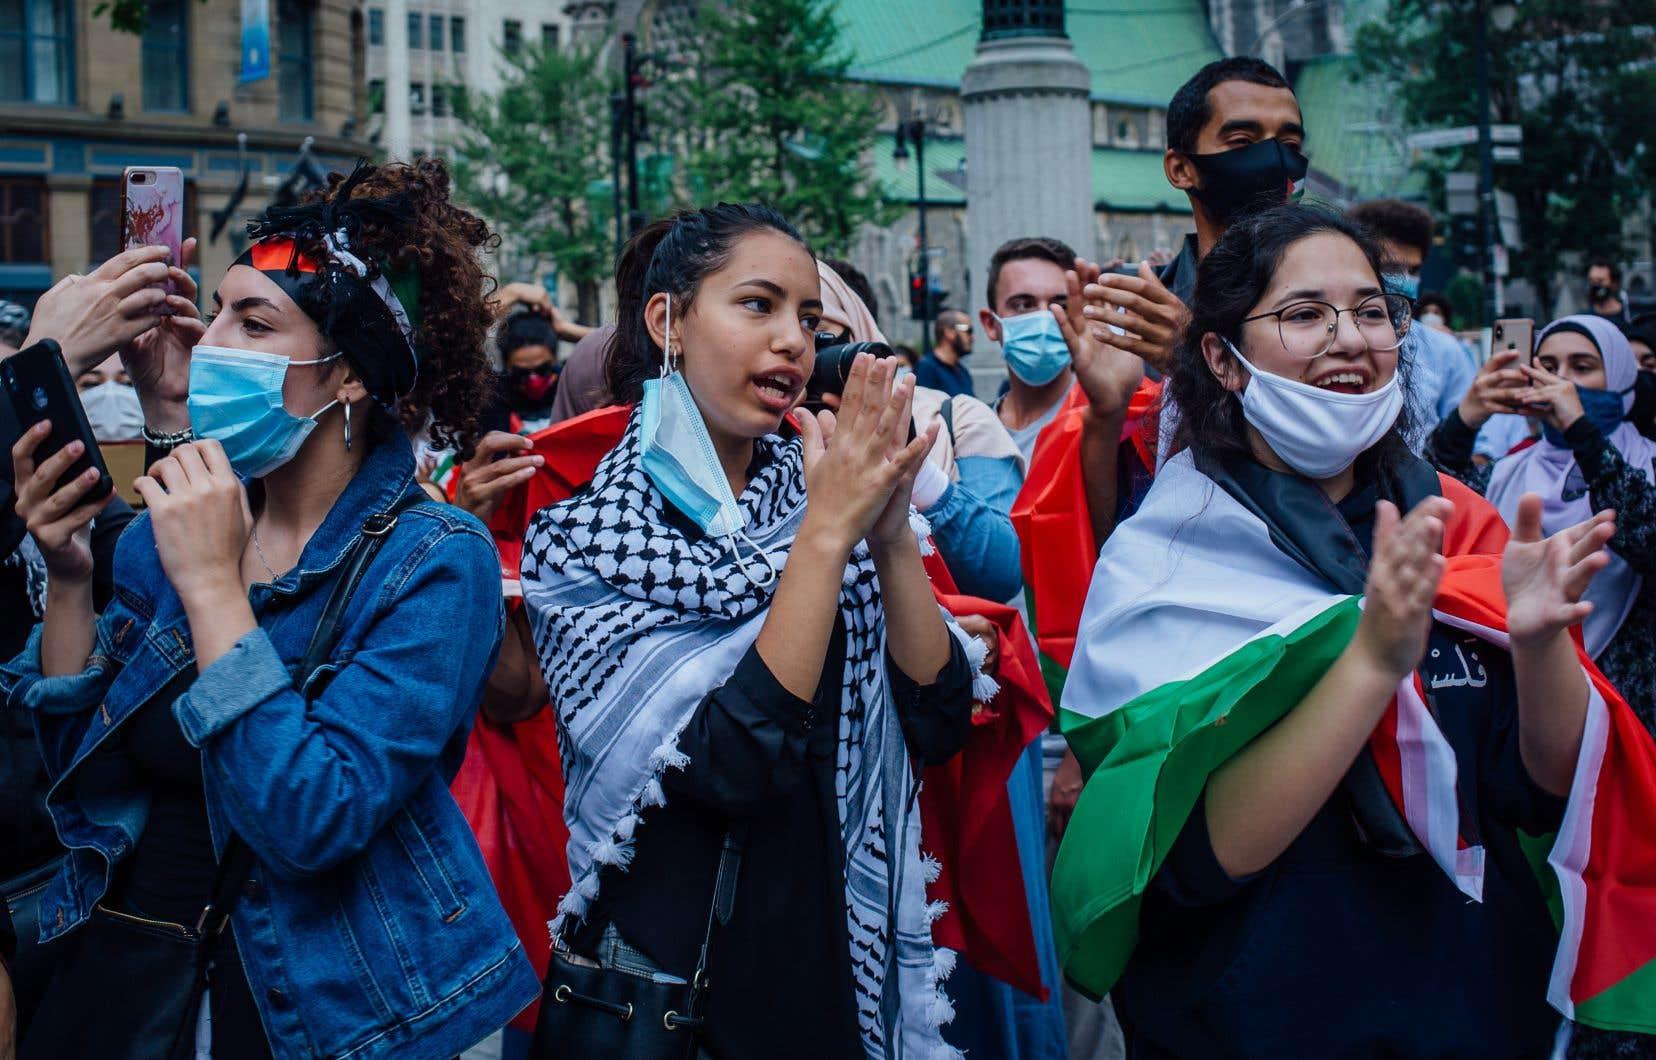 Les manifestants réunis au square Philips étaient pour la grande majorité masqués — pandémie oblige — et ont appelé à la «solidarité avec la Palestine».